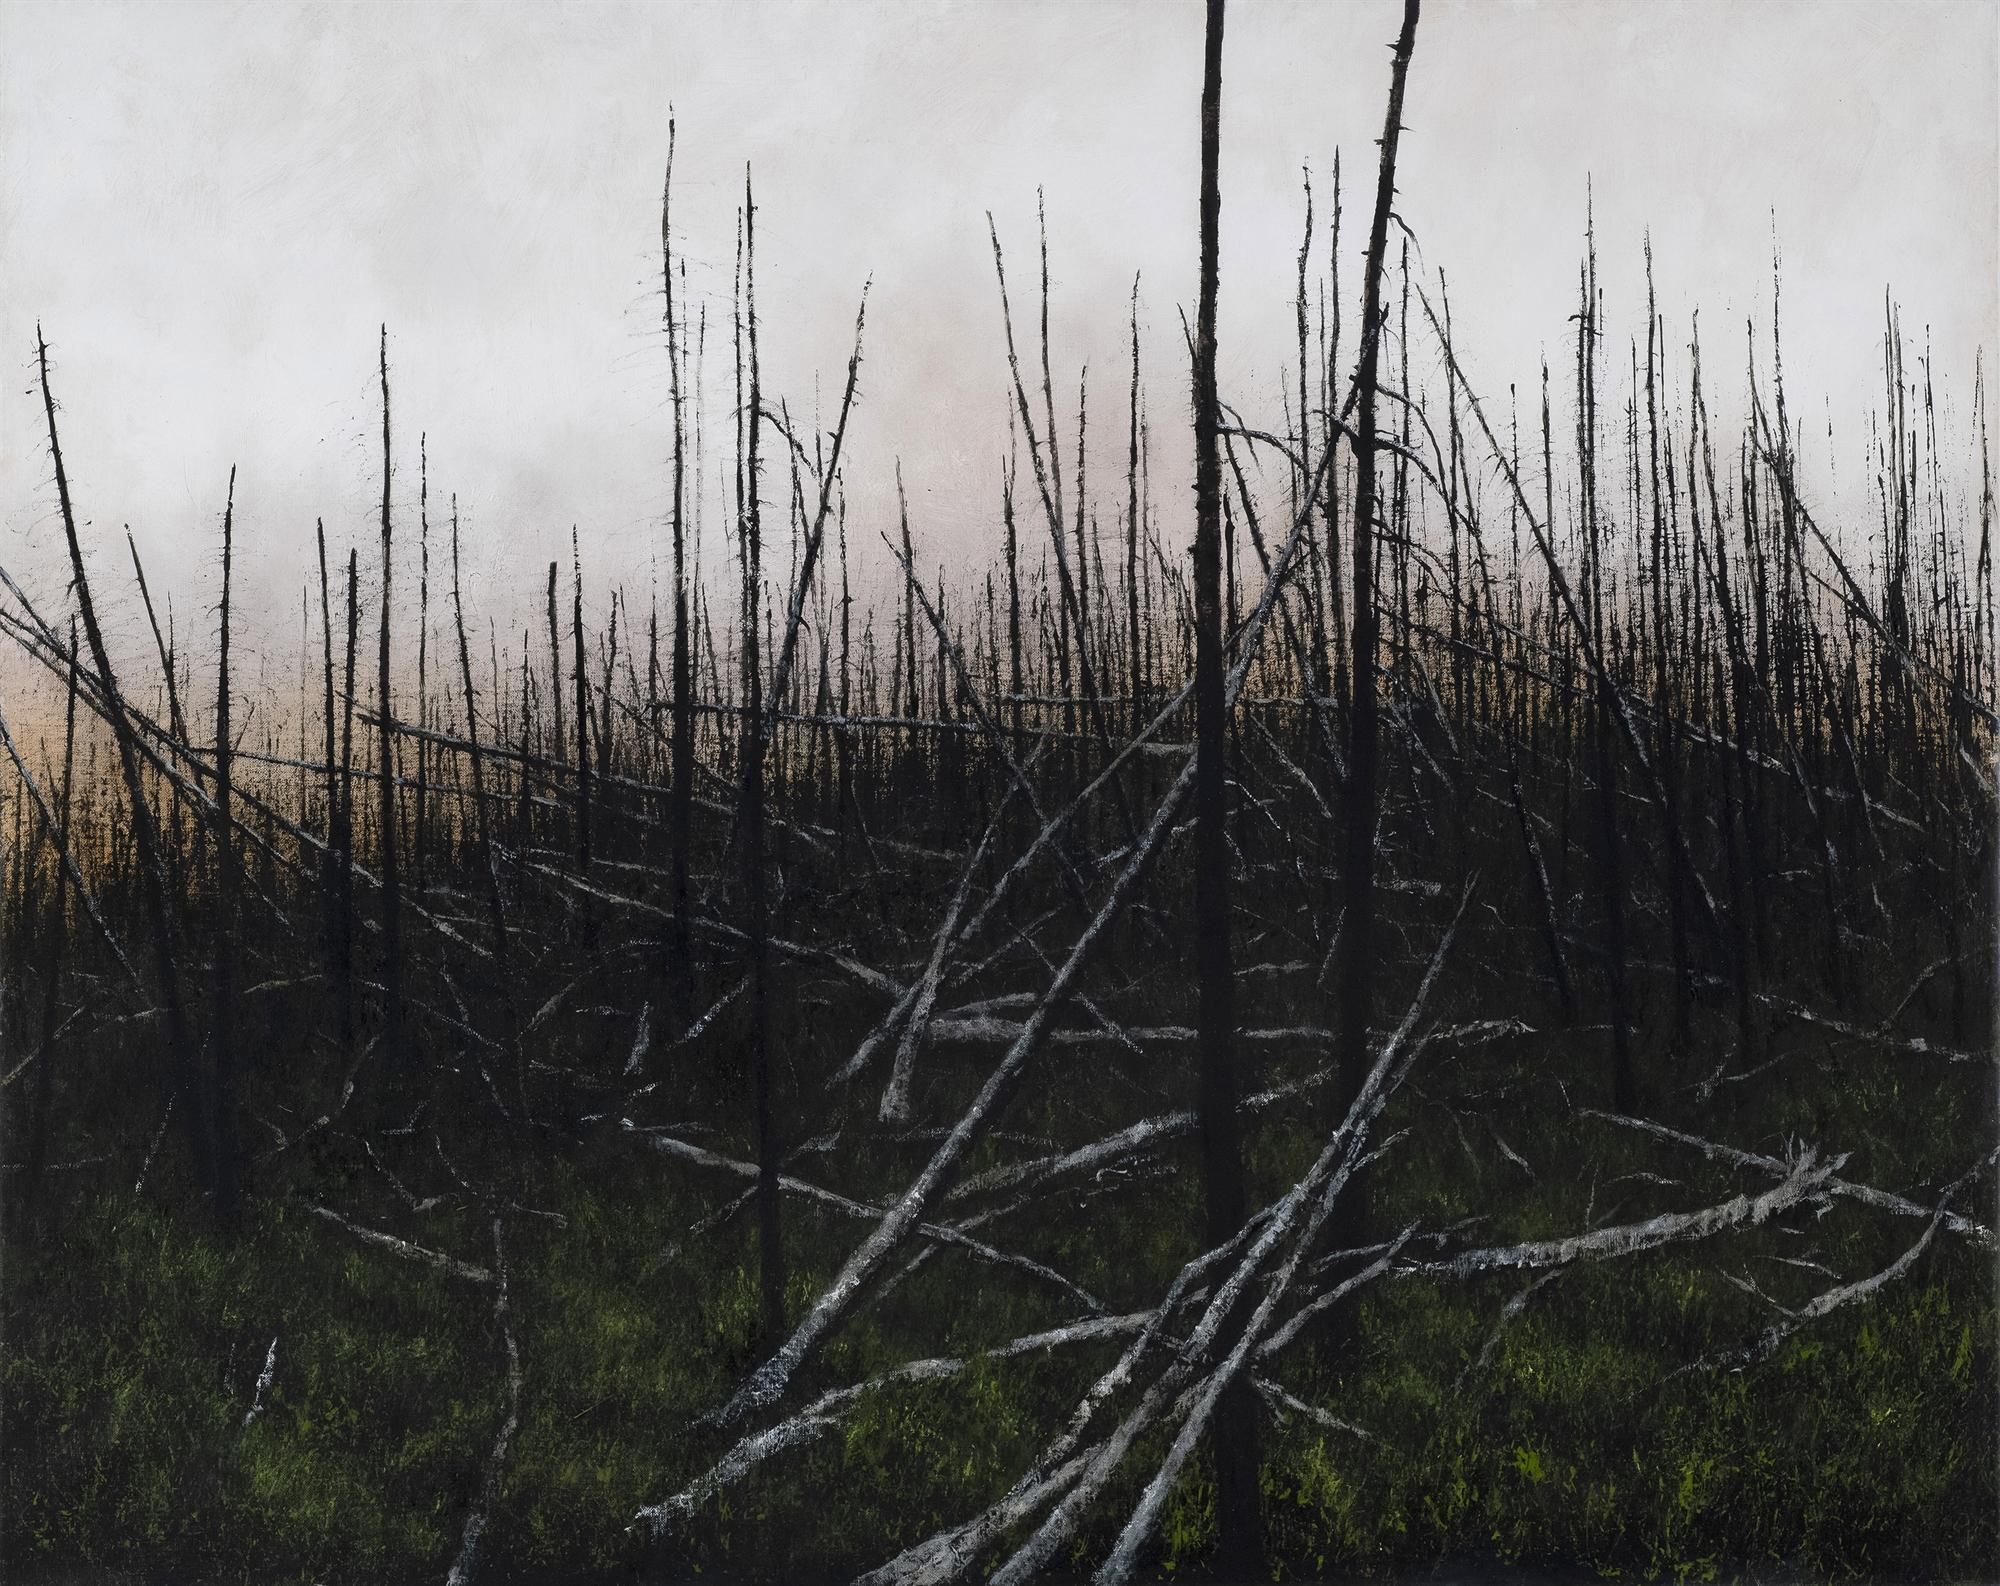 Prescribed Burn by Lisa Lebofsky